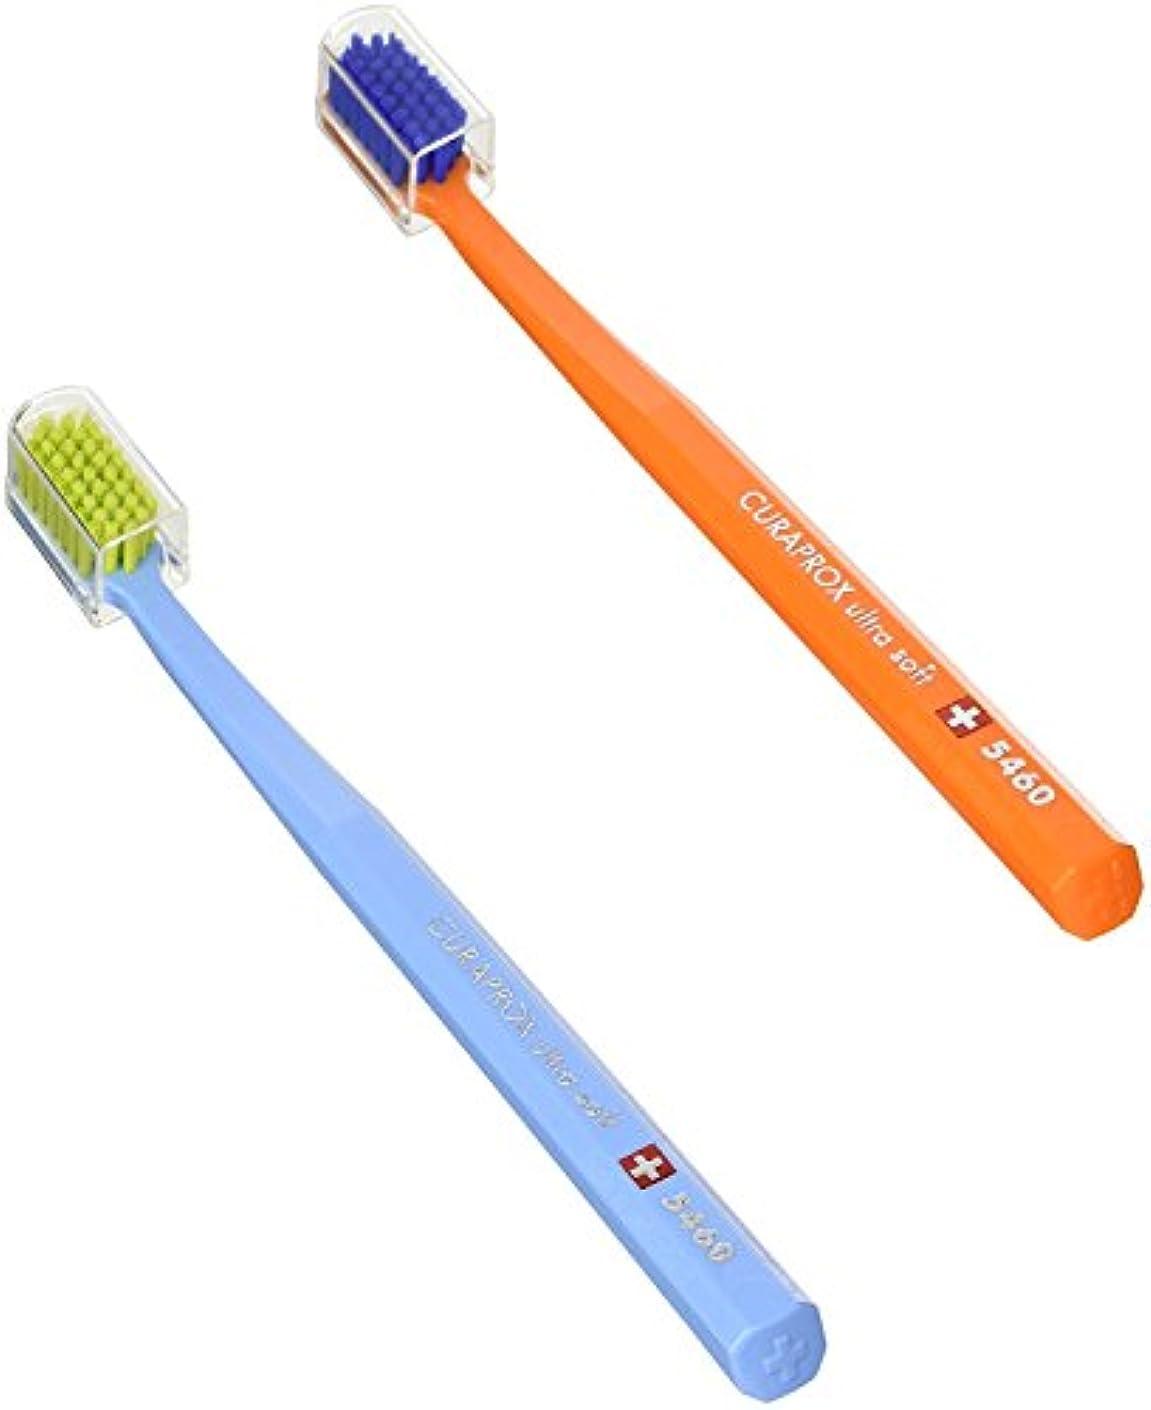 ポイント仮定、想定。推測販売員キュラプロックス 5460ウルトラソフト歯ブラシ 2本